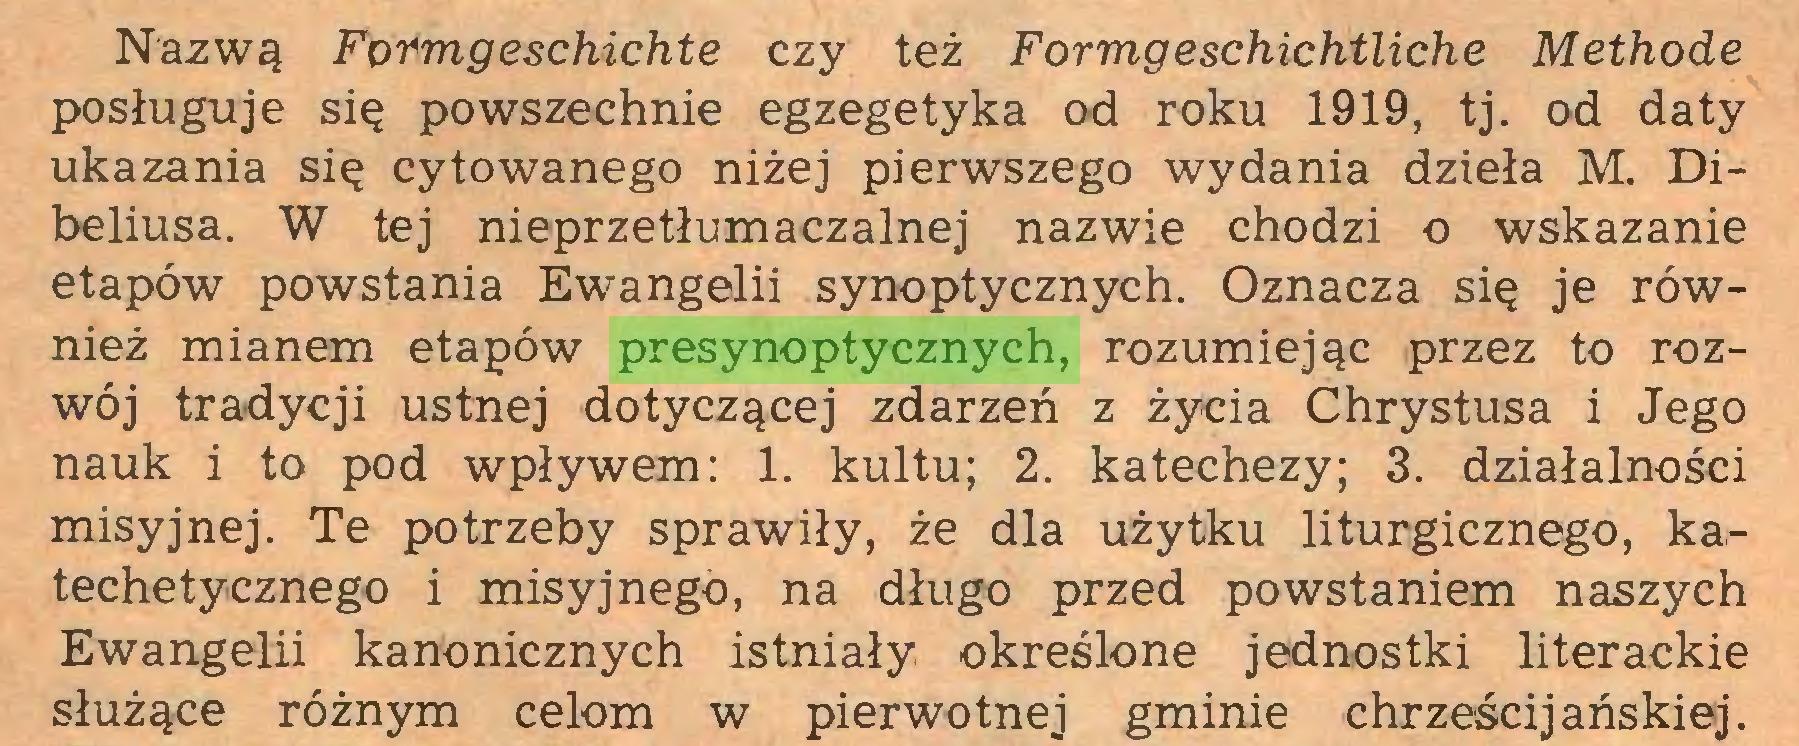 (...) Nazwą Fotmgeschichte czy też Formgeschichtliche Methode posługuje się powszechnie egzegetyka od roku 1919, tj. od daty ukazania się cytowanego niżej pierwszego wydania dzieła M. Dibeliusa. W tej nieprzetłumaczalnej nazwie chodzi o wskazanie etapów powstania Ewangelii synoptycznych. Oznacza się je również mianem etapów presynoptycznych, rozumiejąc przez to rozwój tradycji ustnej dotyczącej zdarzeń z życia Chrystusa i Jego nauk i to pod wpływem: 1. kultu; 2. katechezy; 3. działalności misyjnej. Te potrzeby sprawiły, że dla użytku liturgicznego, katechetycznego i misyjnego, na długo przed powstaniem naszych Ewangelii kanonicznych istniały określone jednostki literackie służące różnym celom w pierwotnej gminie chrześcijańskiej...